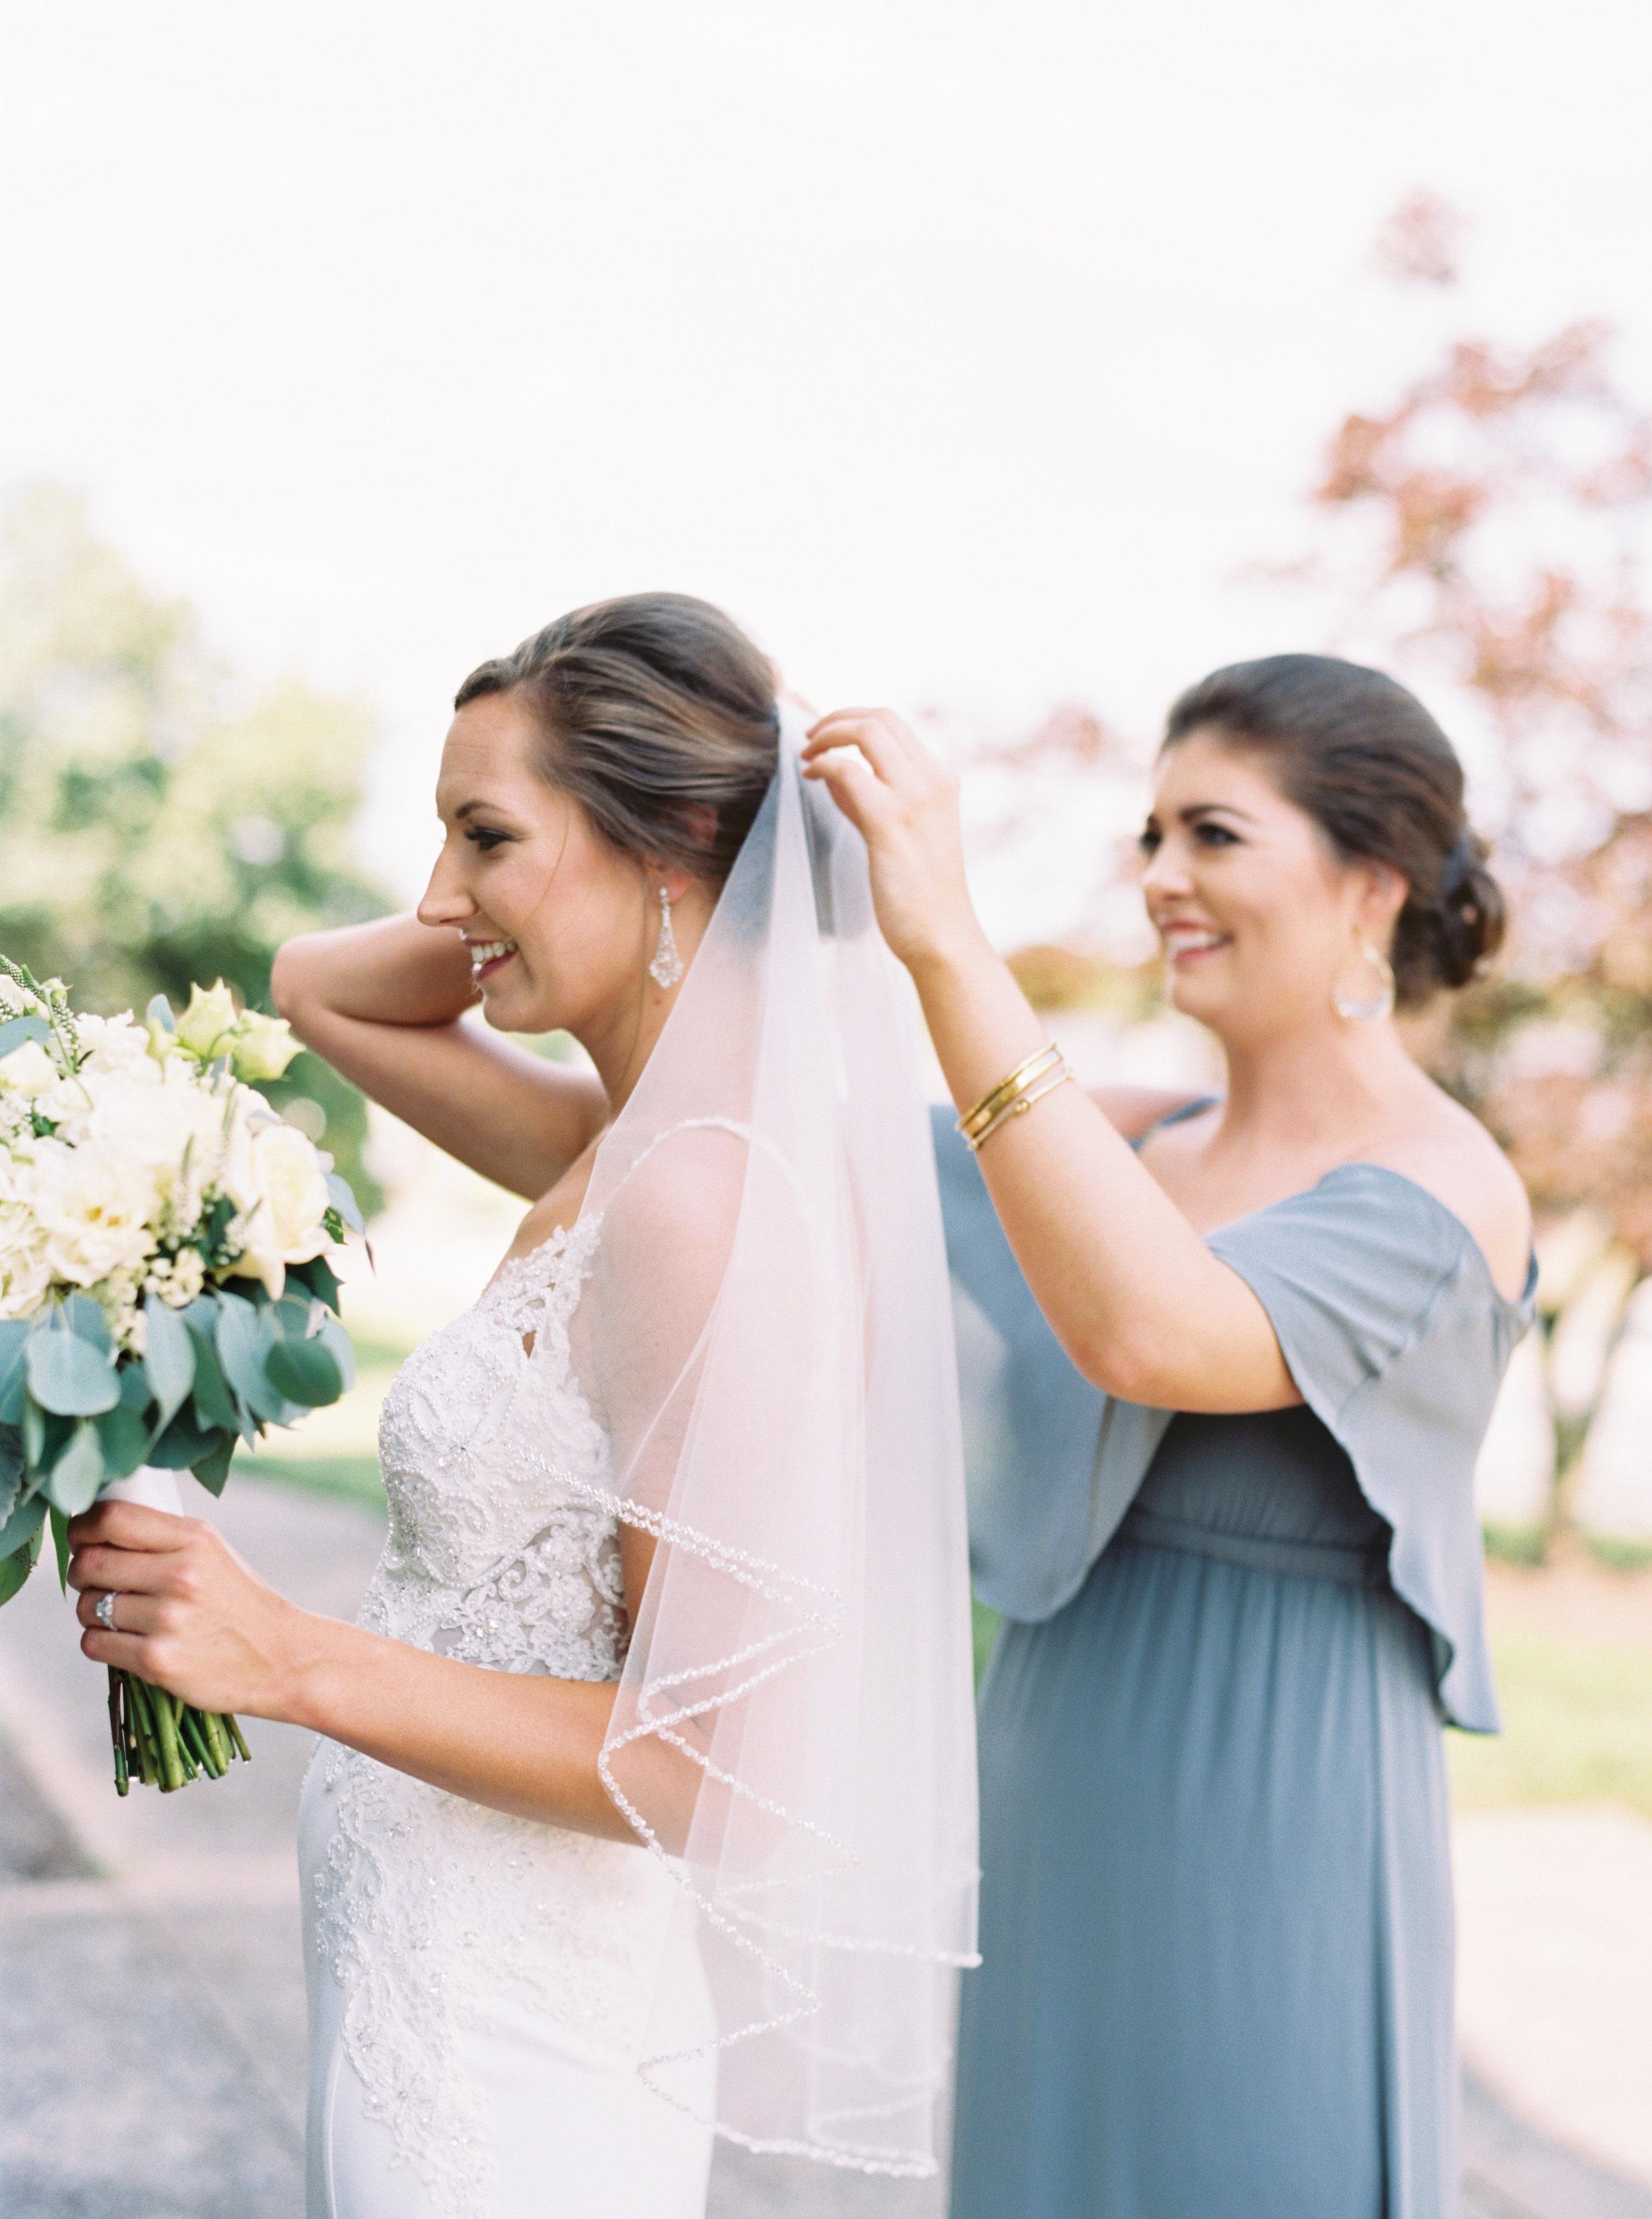 JJ_Sarah_Wedding_Abigail_Malone_Photography-314.jpg